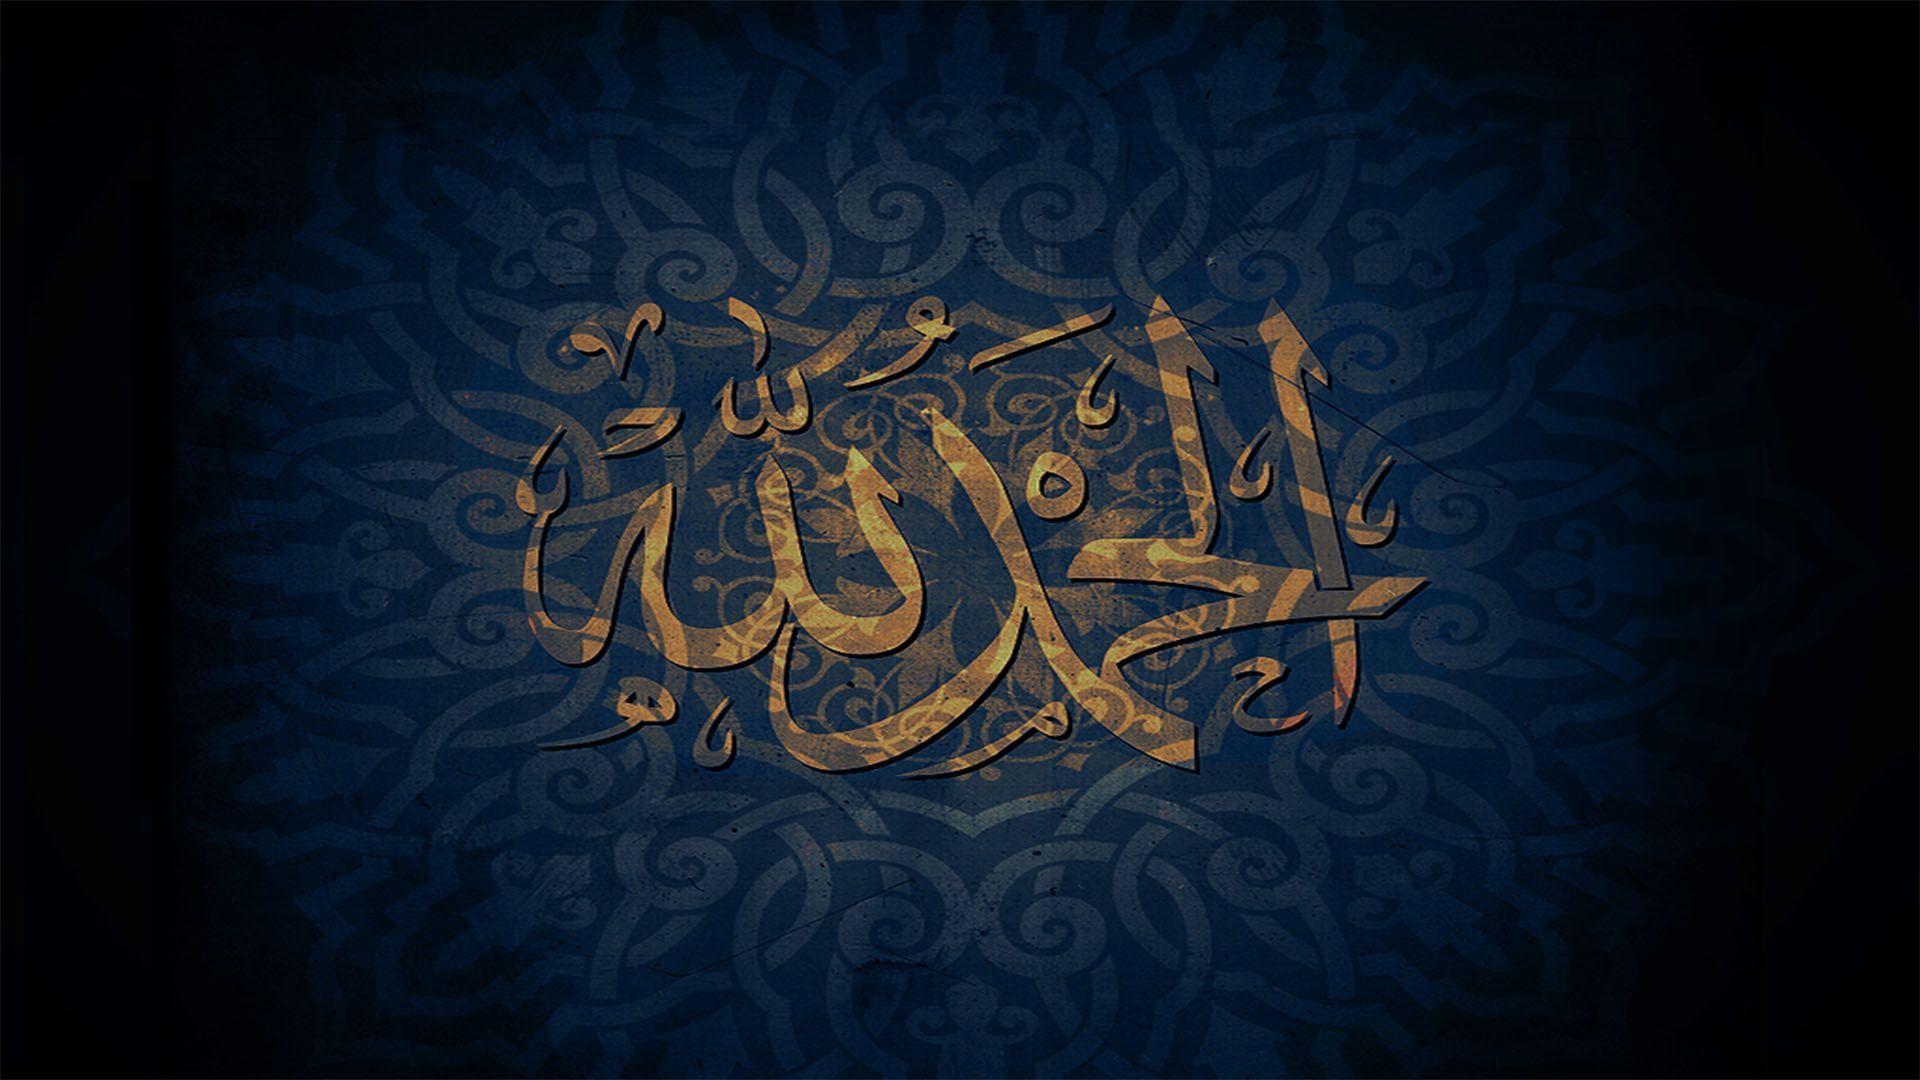 1920x1080 hình nền Hồi giáo